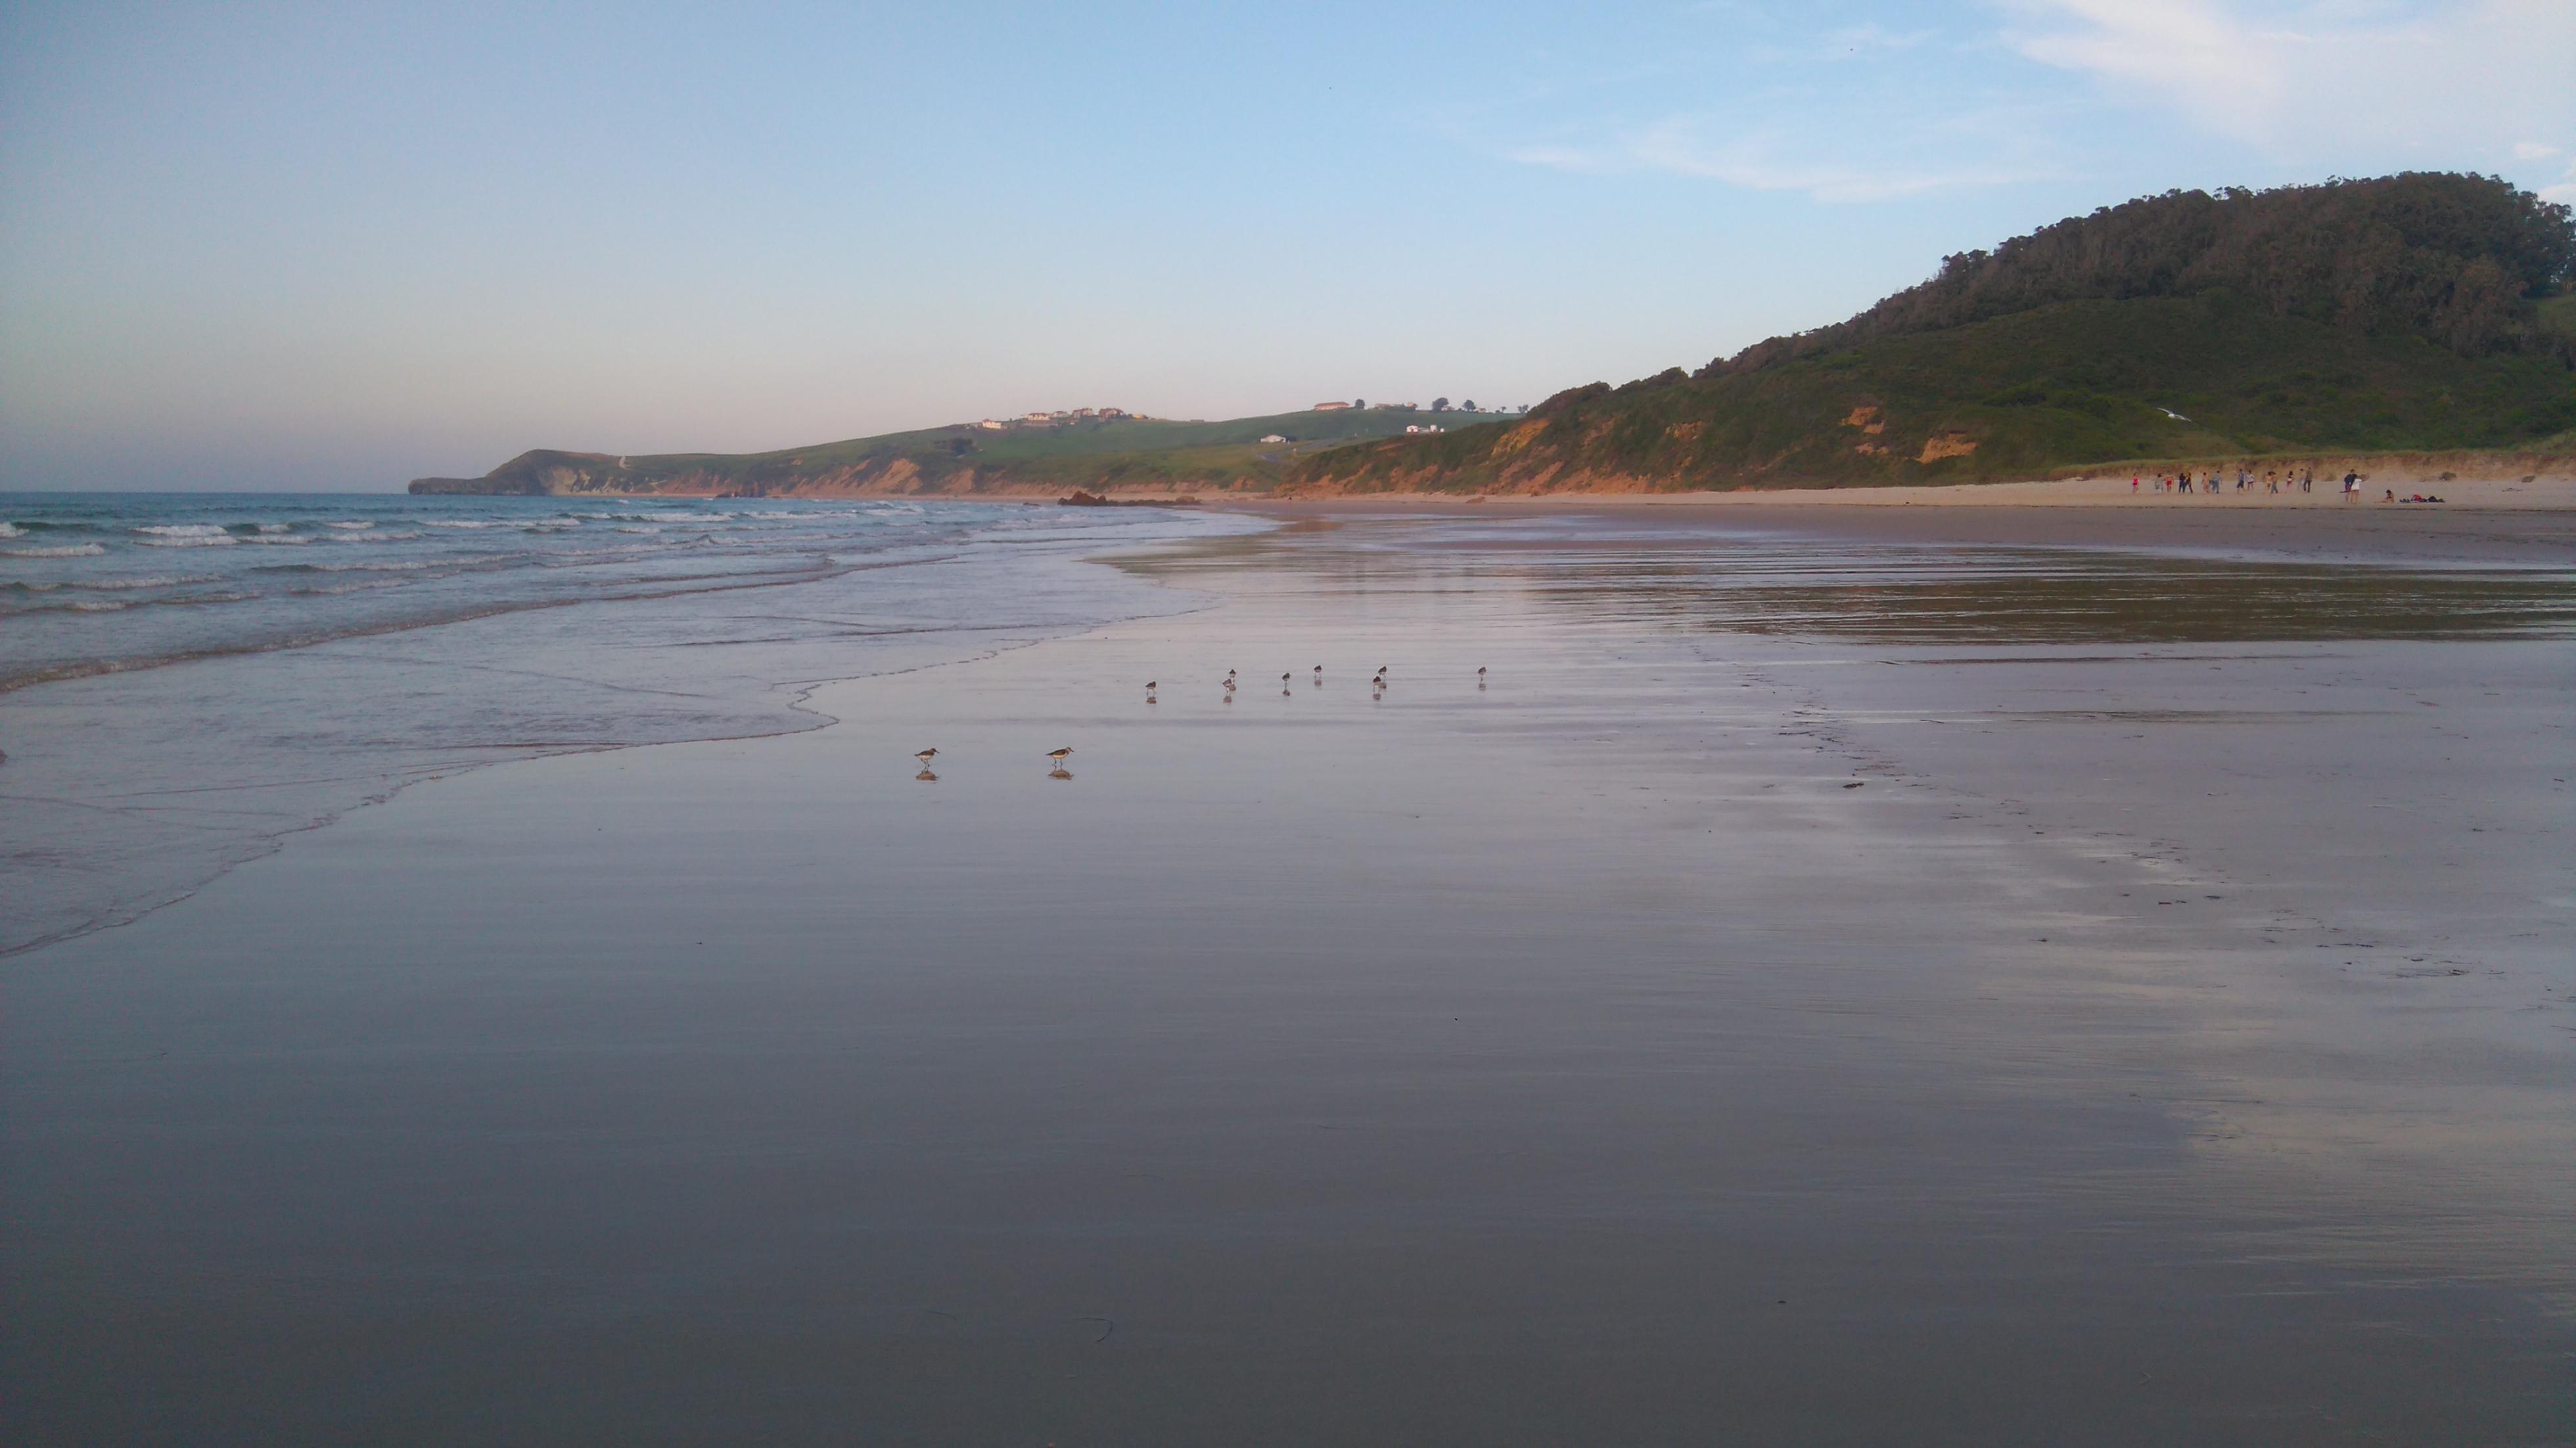 Playa San Vicente de la Barquera, Cantabria